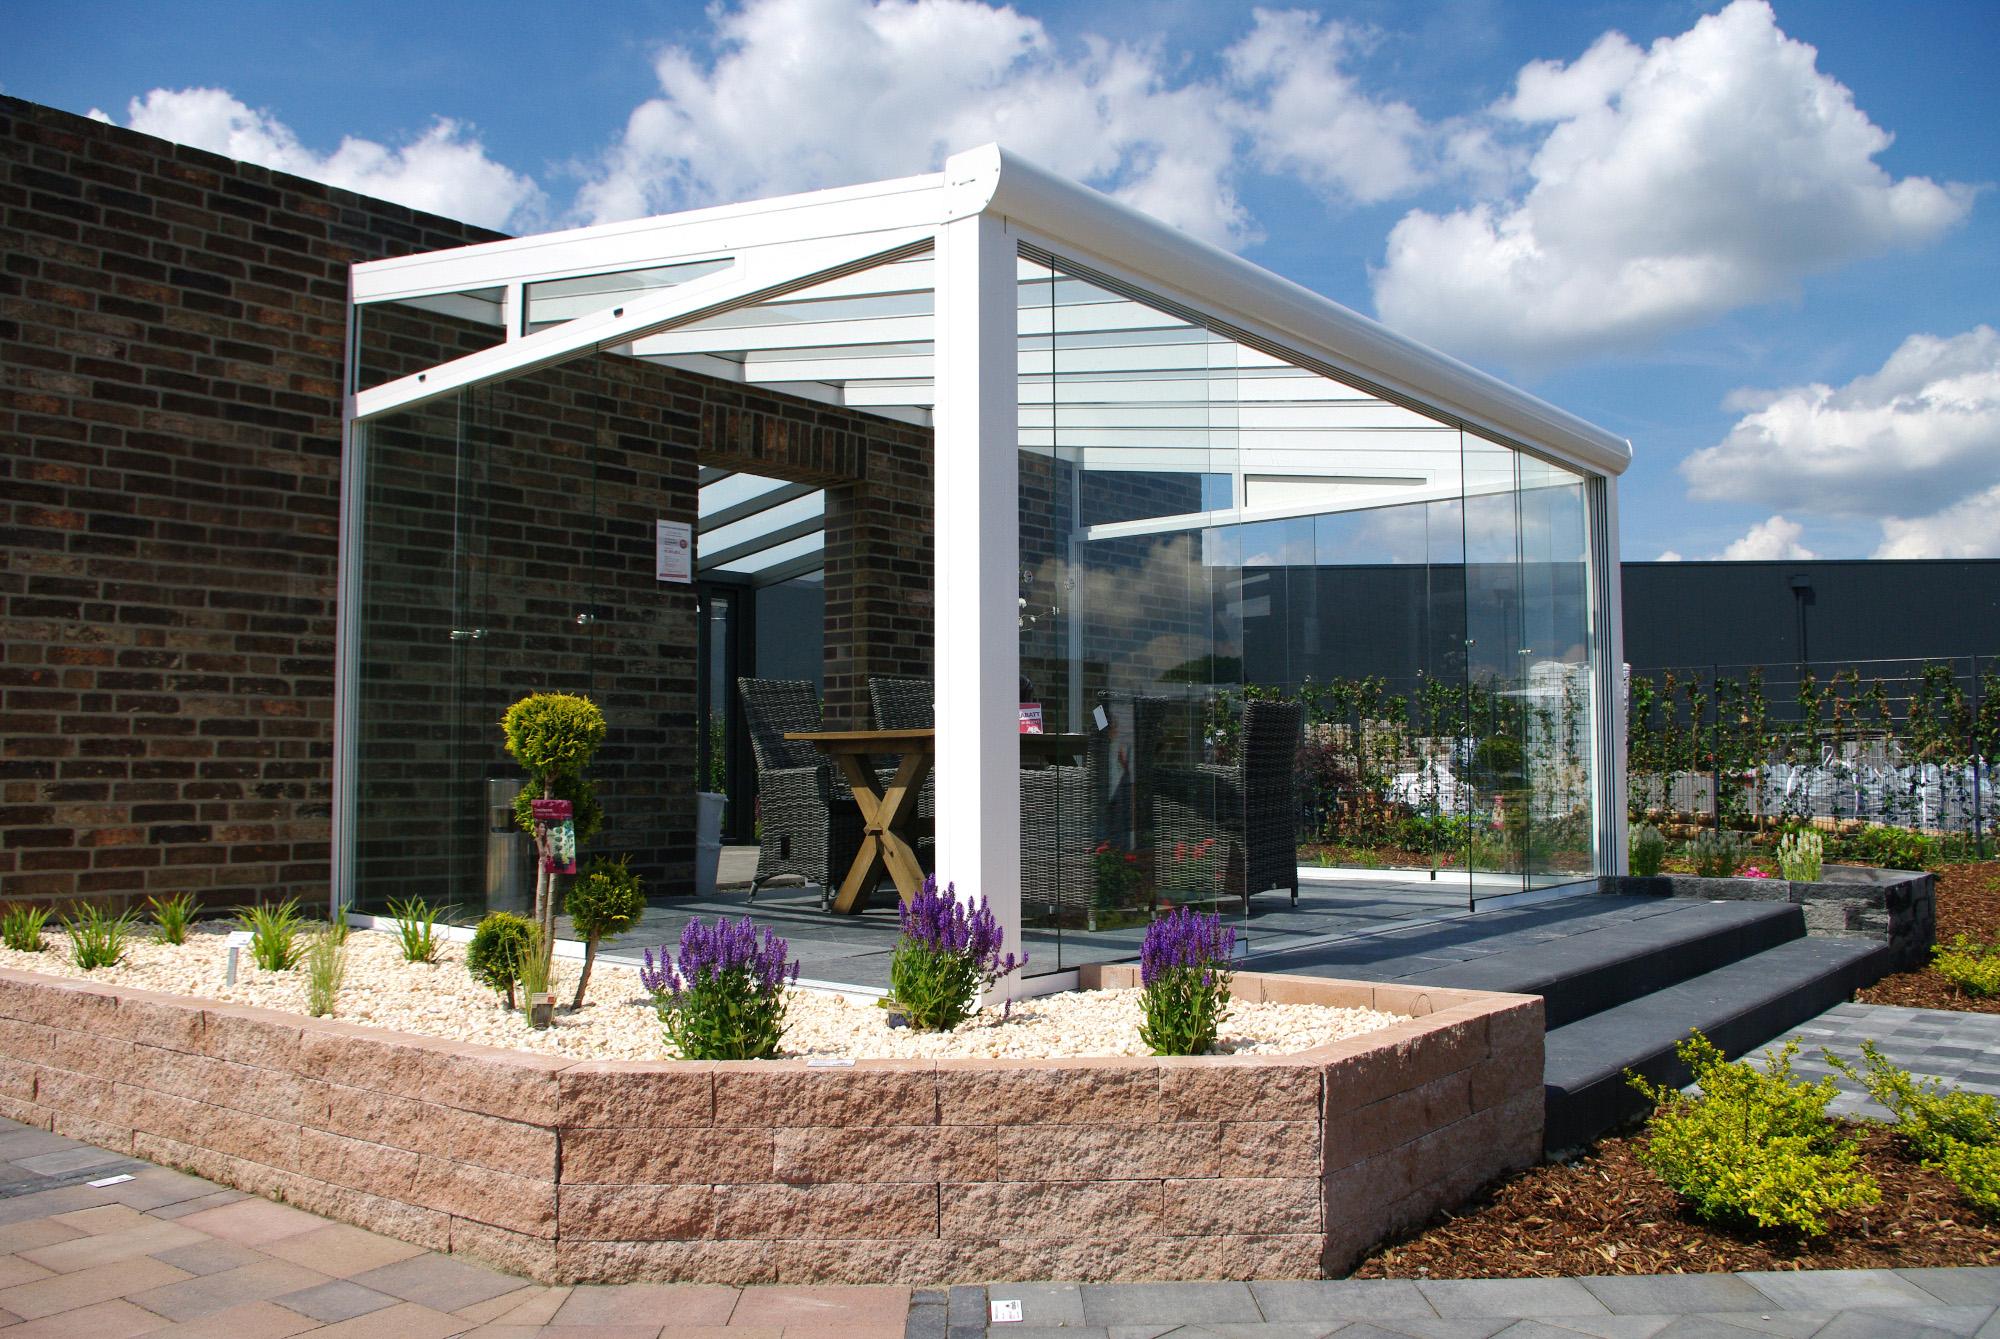 Full Size of Seitenwand Fr Terrassenberdachungen So Muss Das Gartenüberdachung Garten Gartenüberdachung